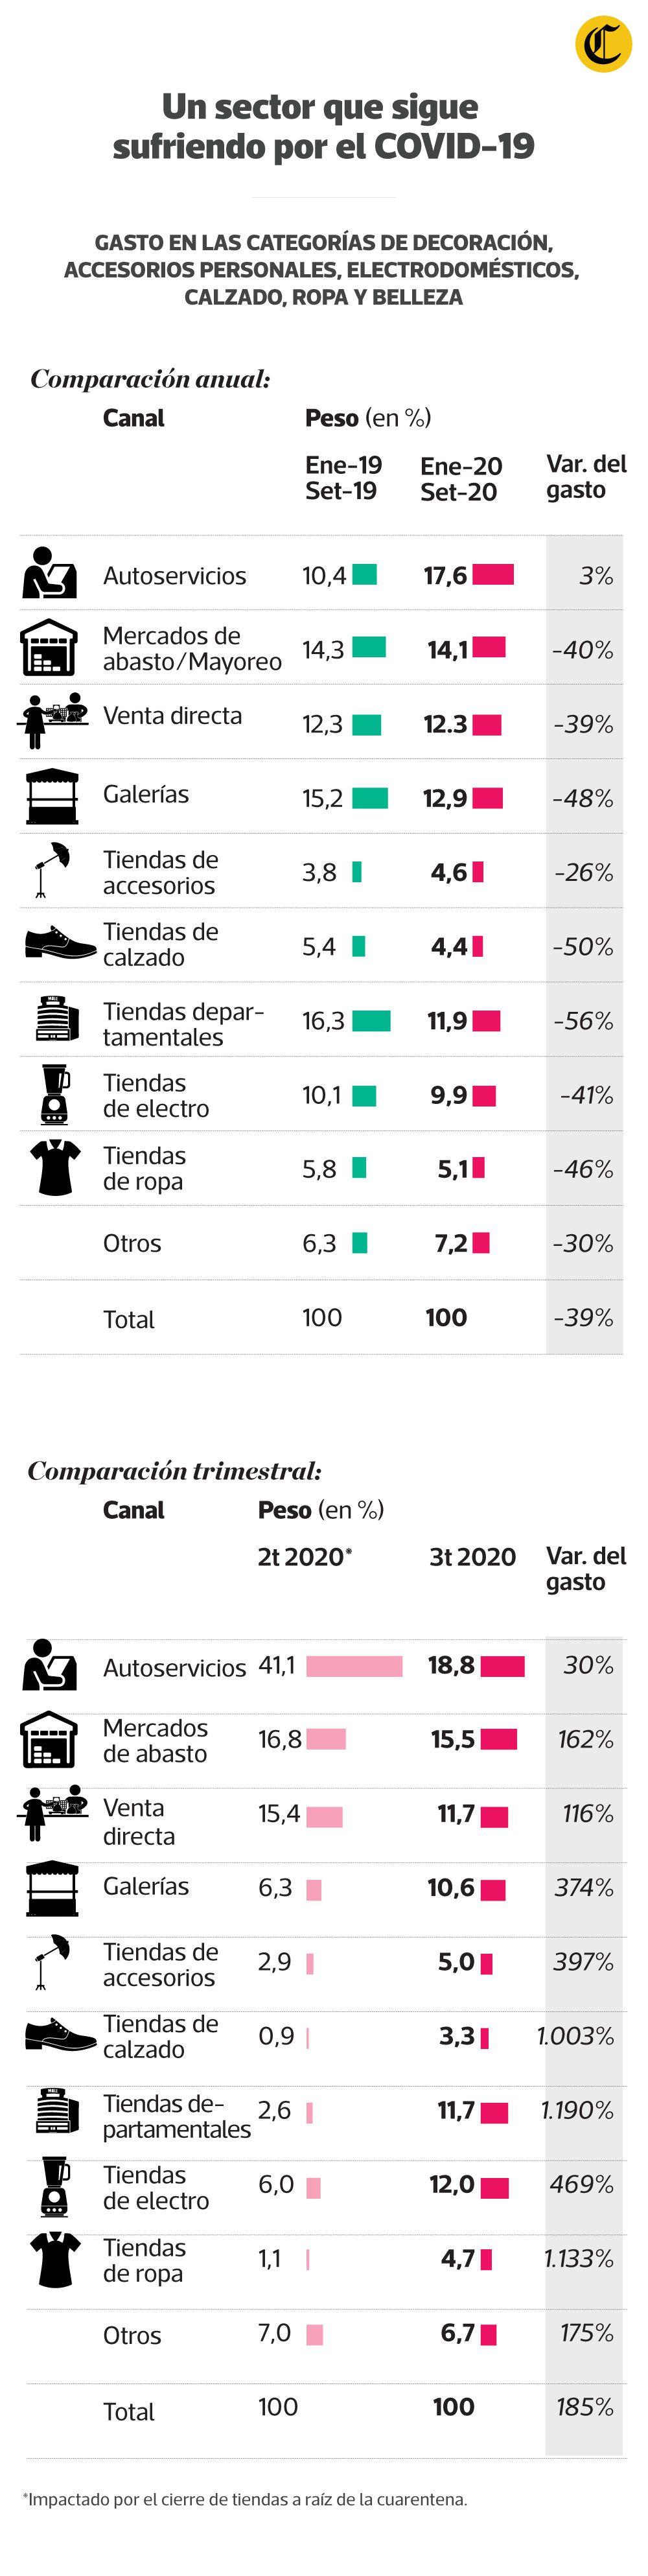 Retail, un sector que sigue sufriendo por el COVID-19. No obstante, el consumo (sobre todo de alimentos) ha aumentado. (Infografía: Jean Izquierdo/El Comercio; Fuentes: Kantar Worldpanel, Euromonitor International, Google)